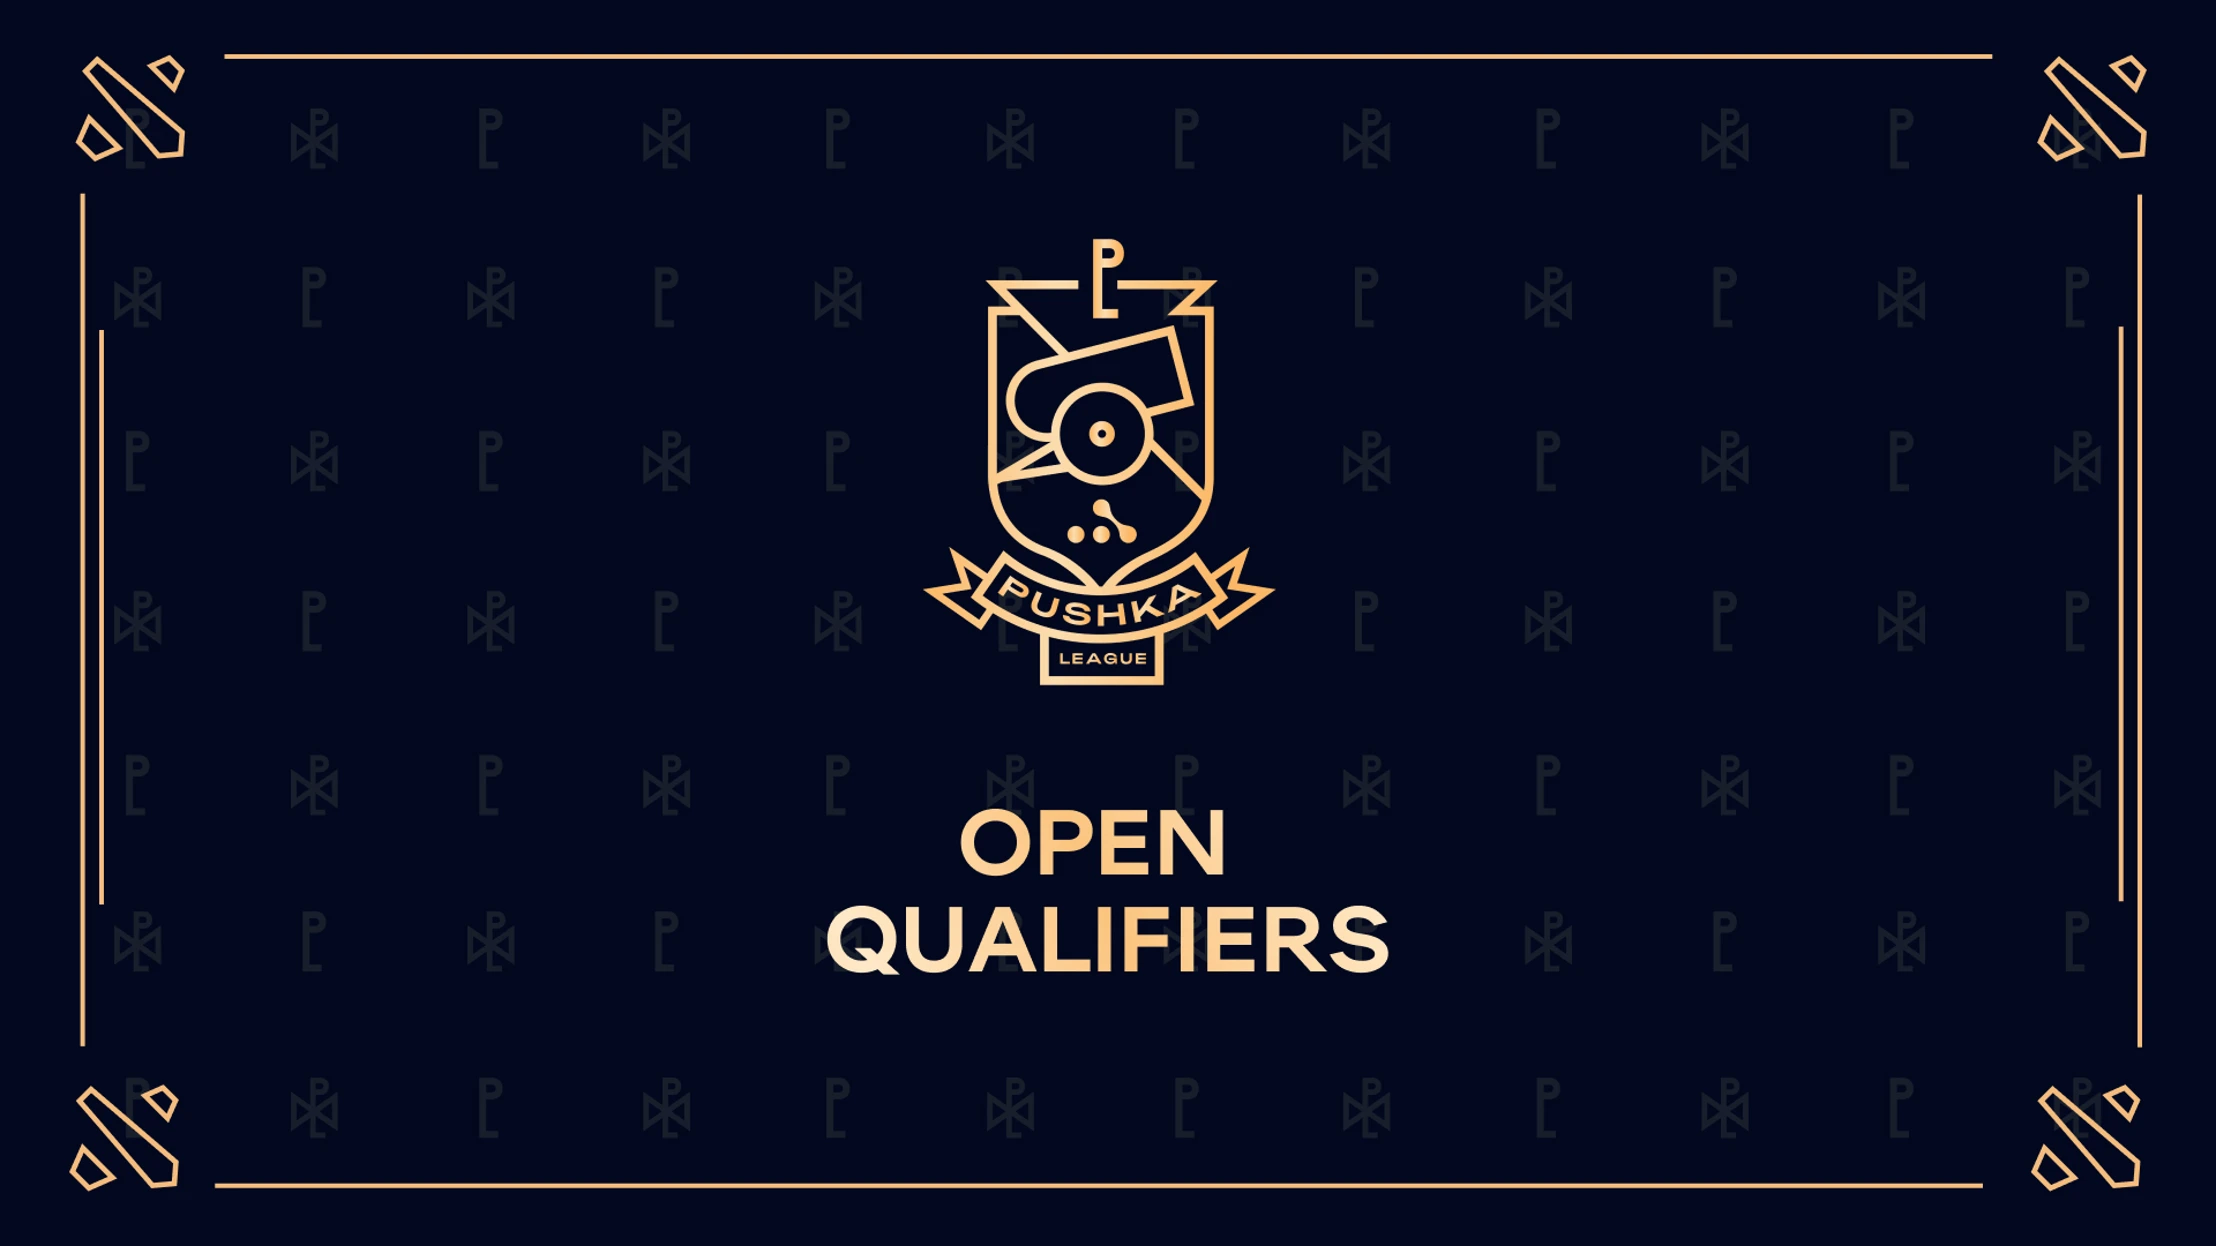 WePlay! Pushka League Open Qualifier winners